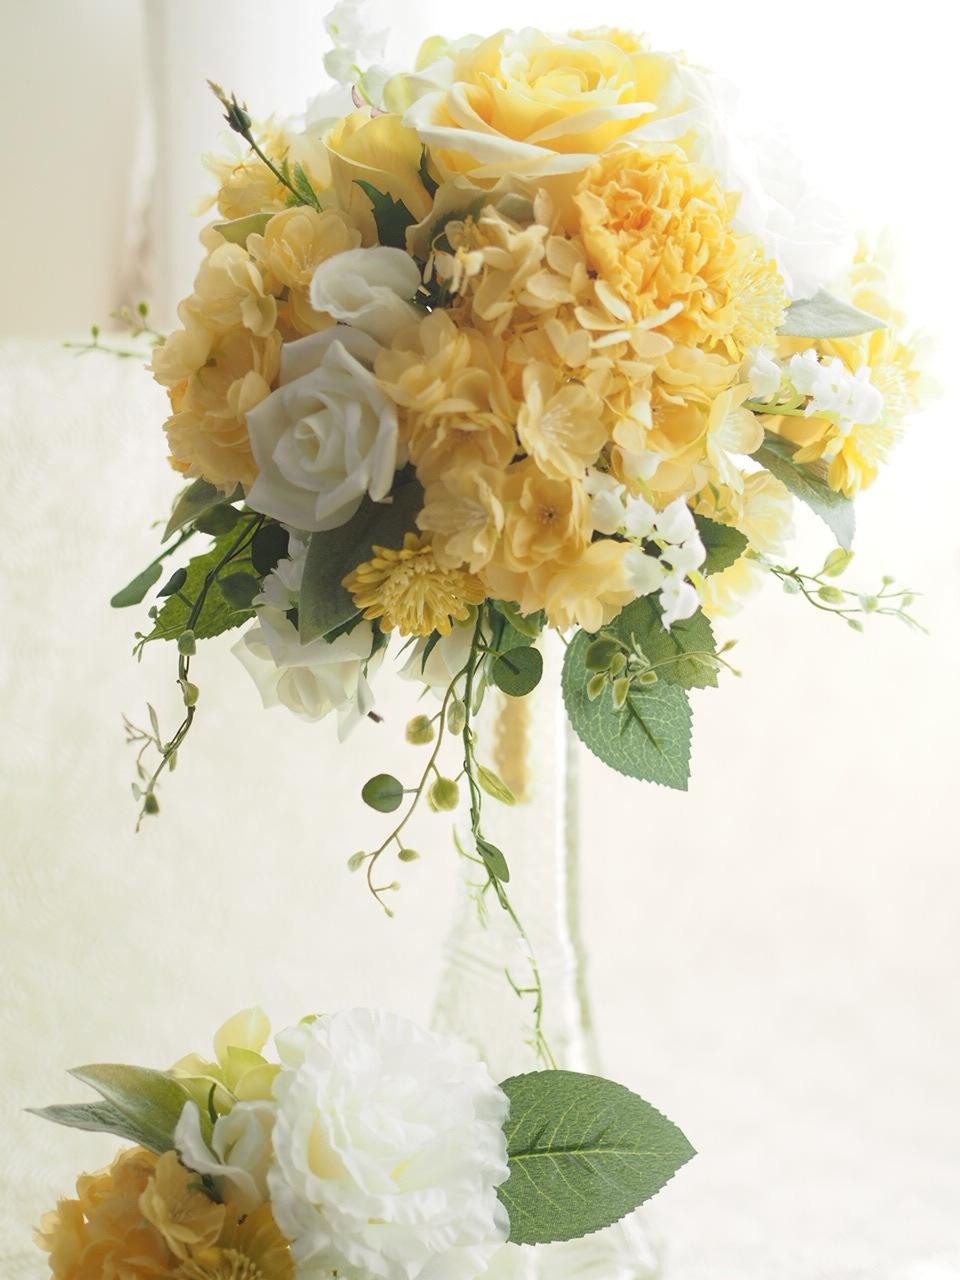 【Round bouquet】_d0144095_19394901.jpg